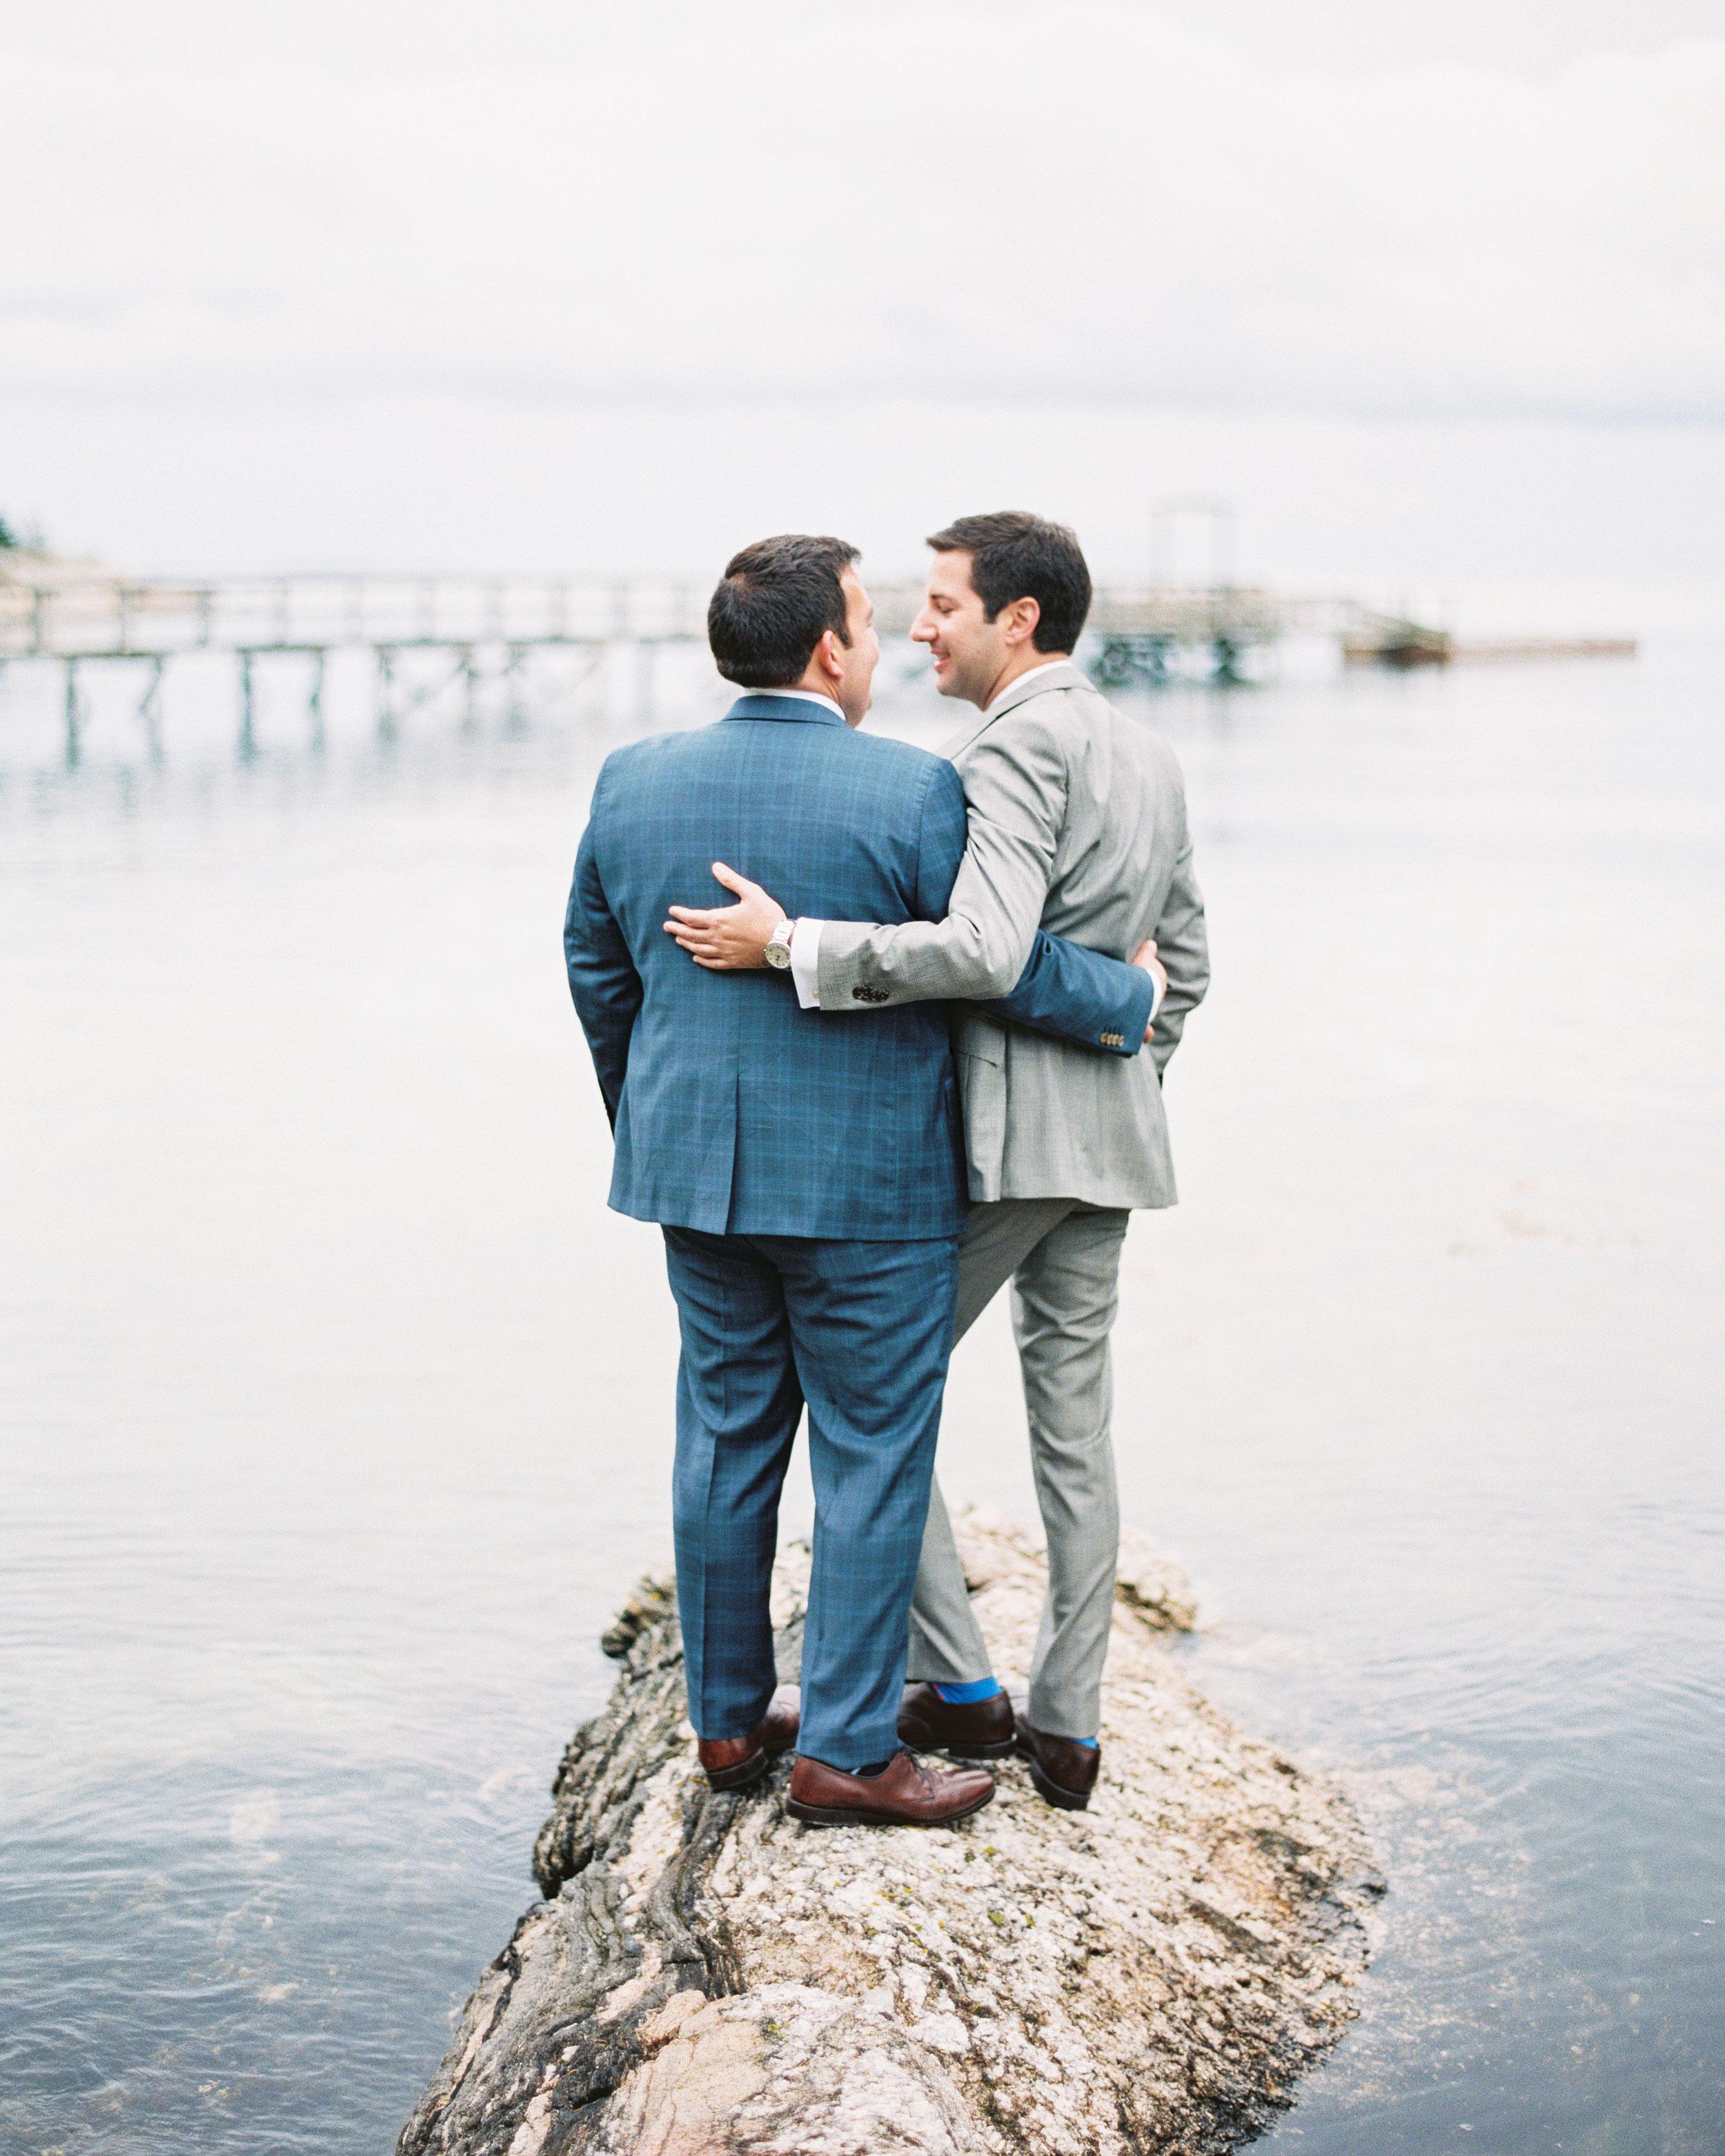 josh-matt-wedding-maine-grooms-65-s112061.jpg